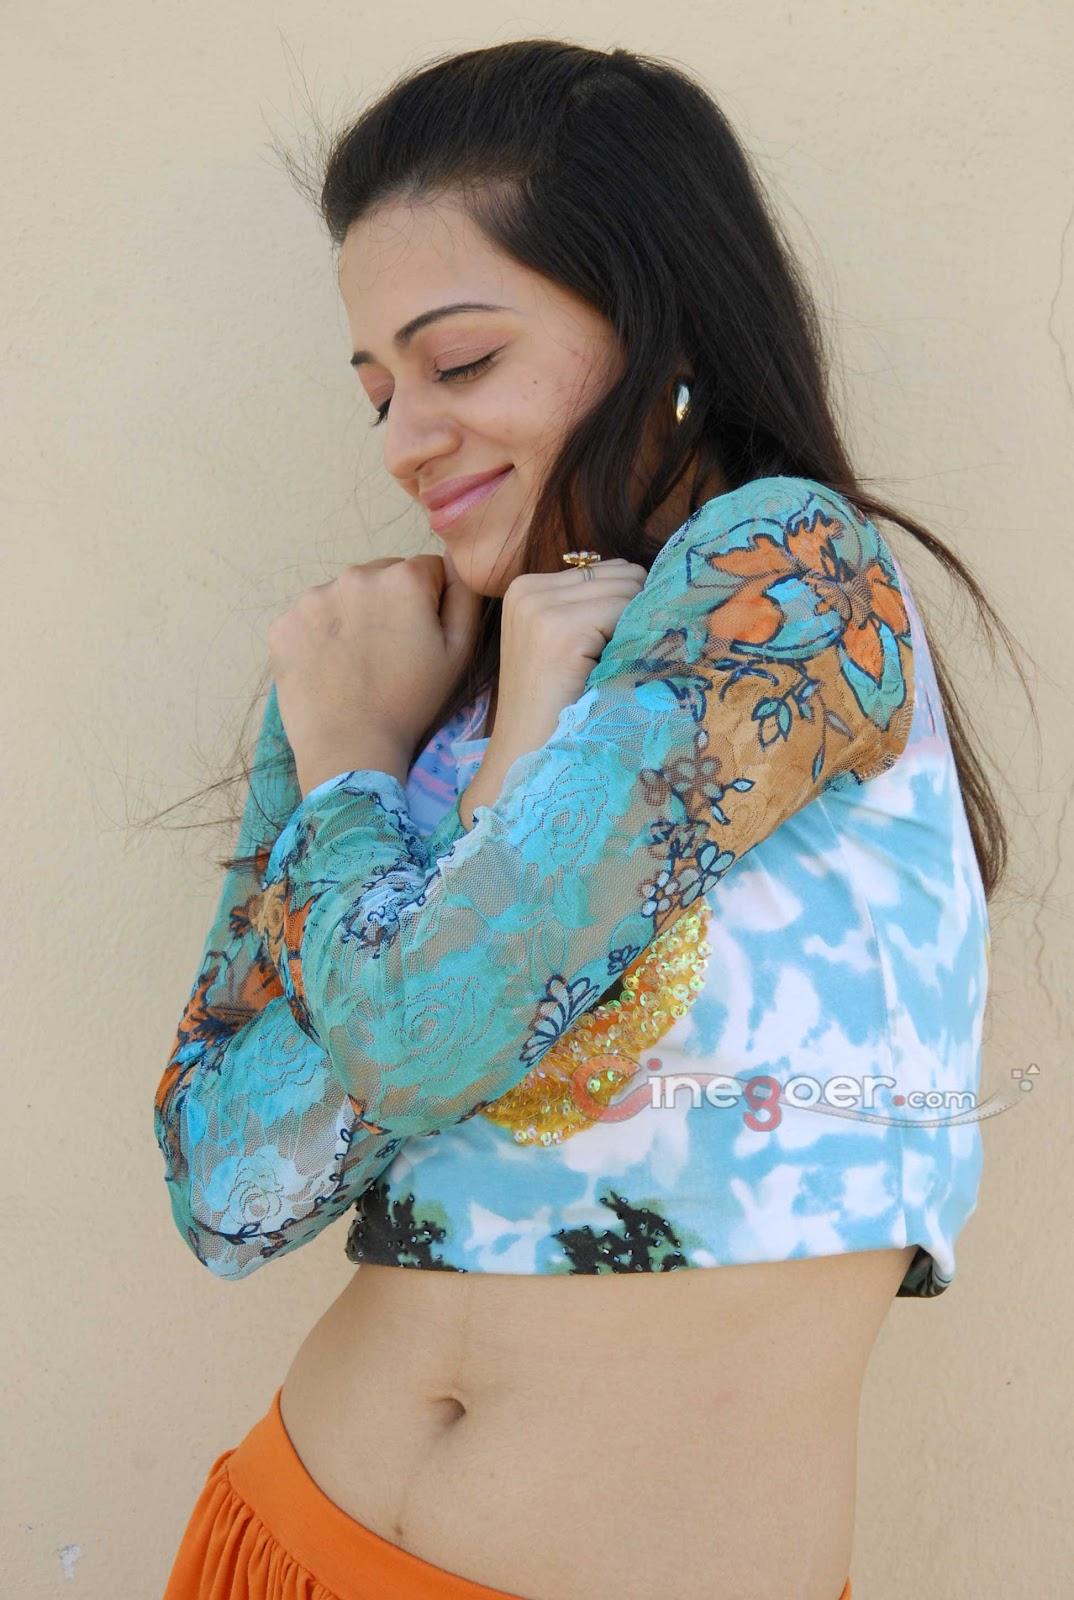 Shanvi Cute Hd Wallpapers Cinegoer Pics Reshma Hot Hd Stills Reshma Hq Wallpapers